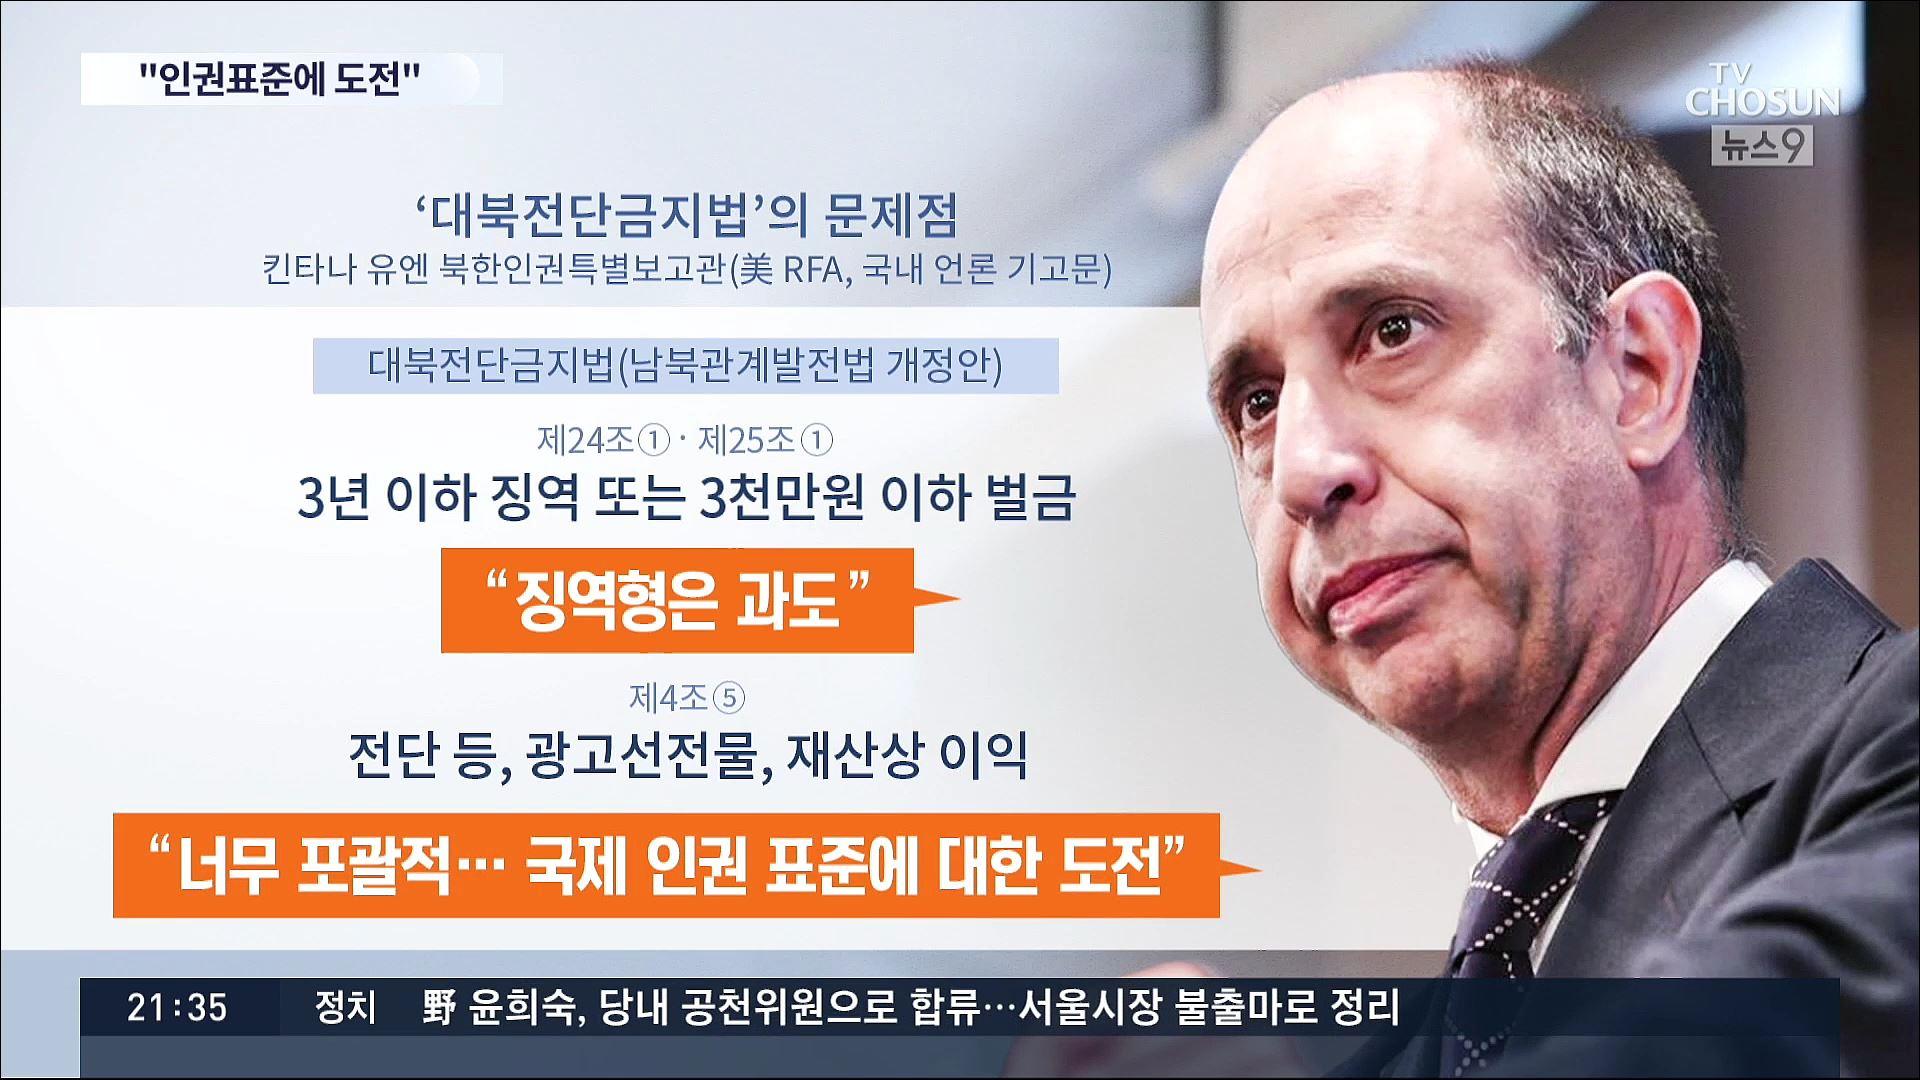 유엔, 대북전단금지법 초강경 비판…강경화 '표현자유 제한 가능'